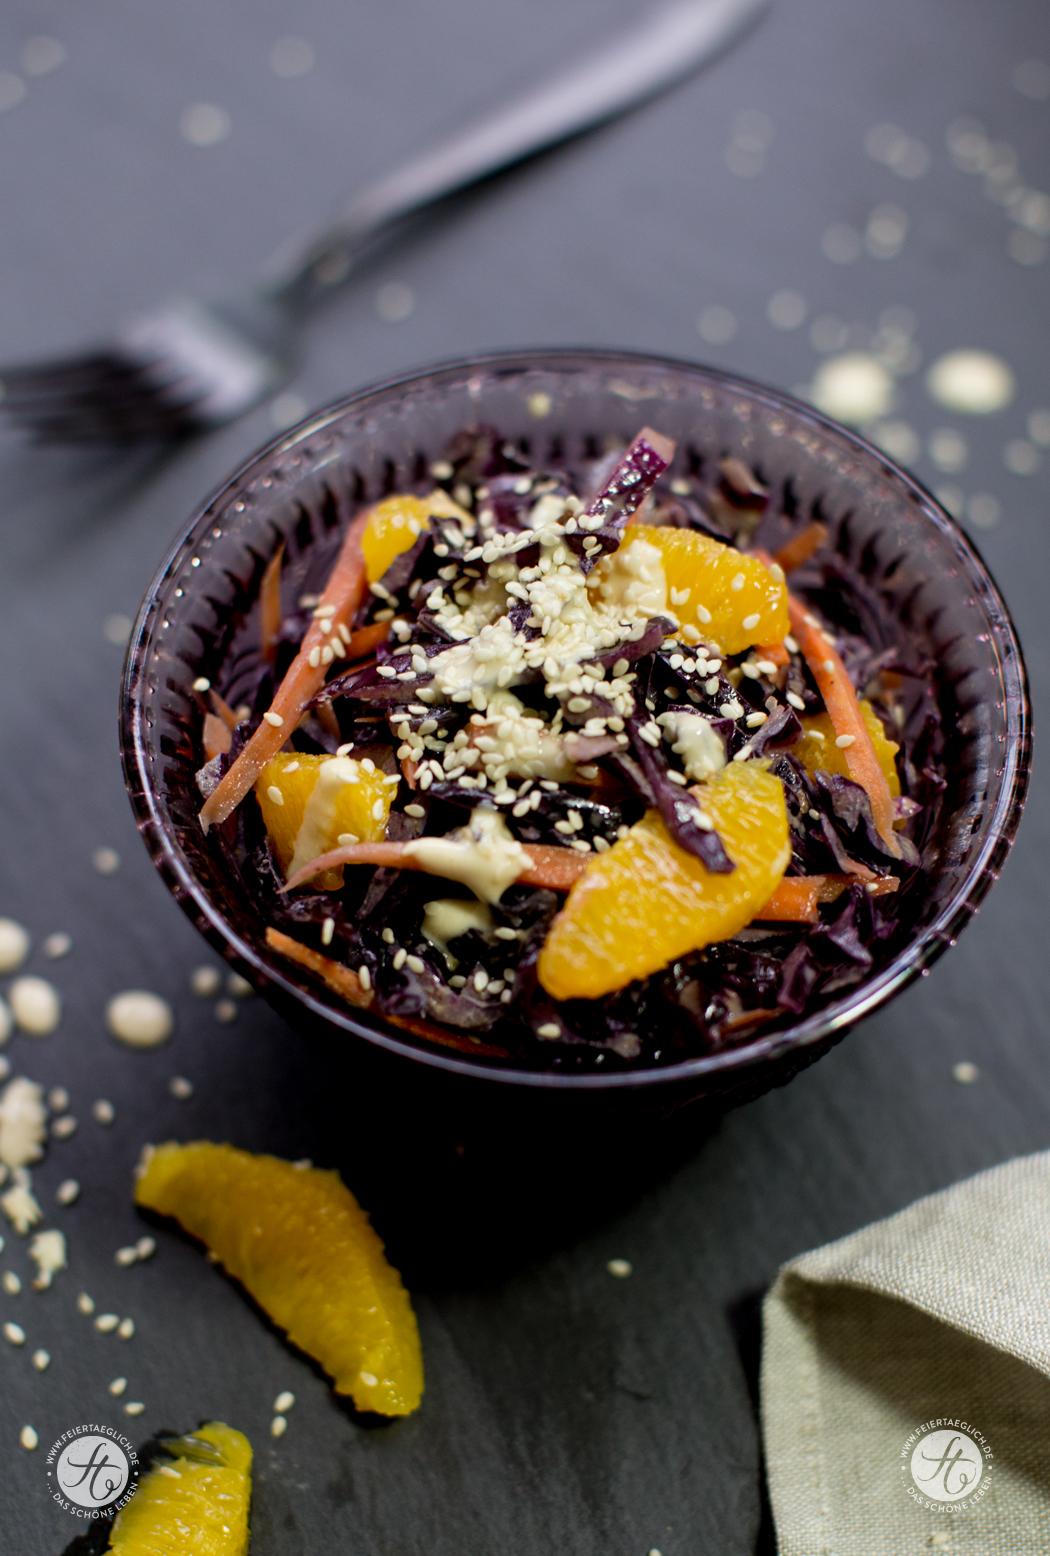 Rotkohlsalat mit Karotten, Orangen und Sesamdressing, vegan, Rezept von feiertaeglich.de